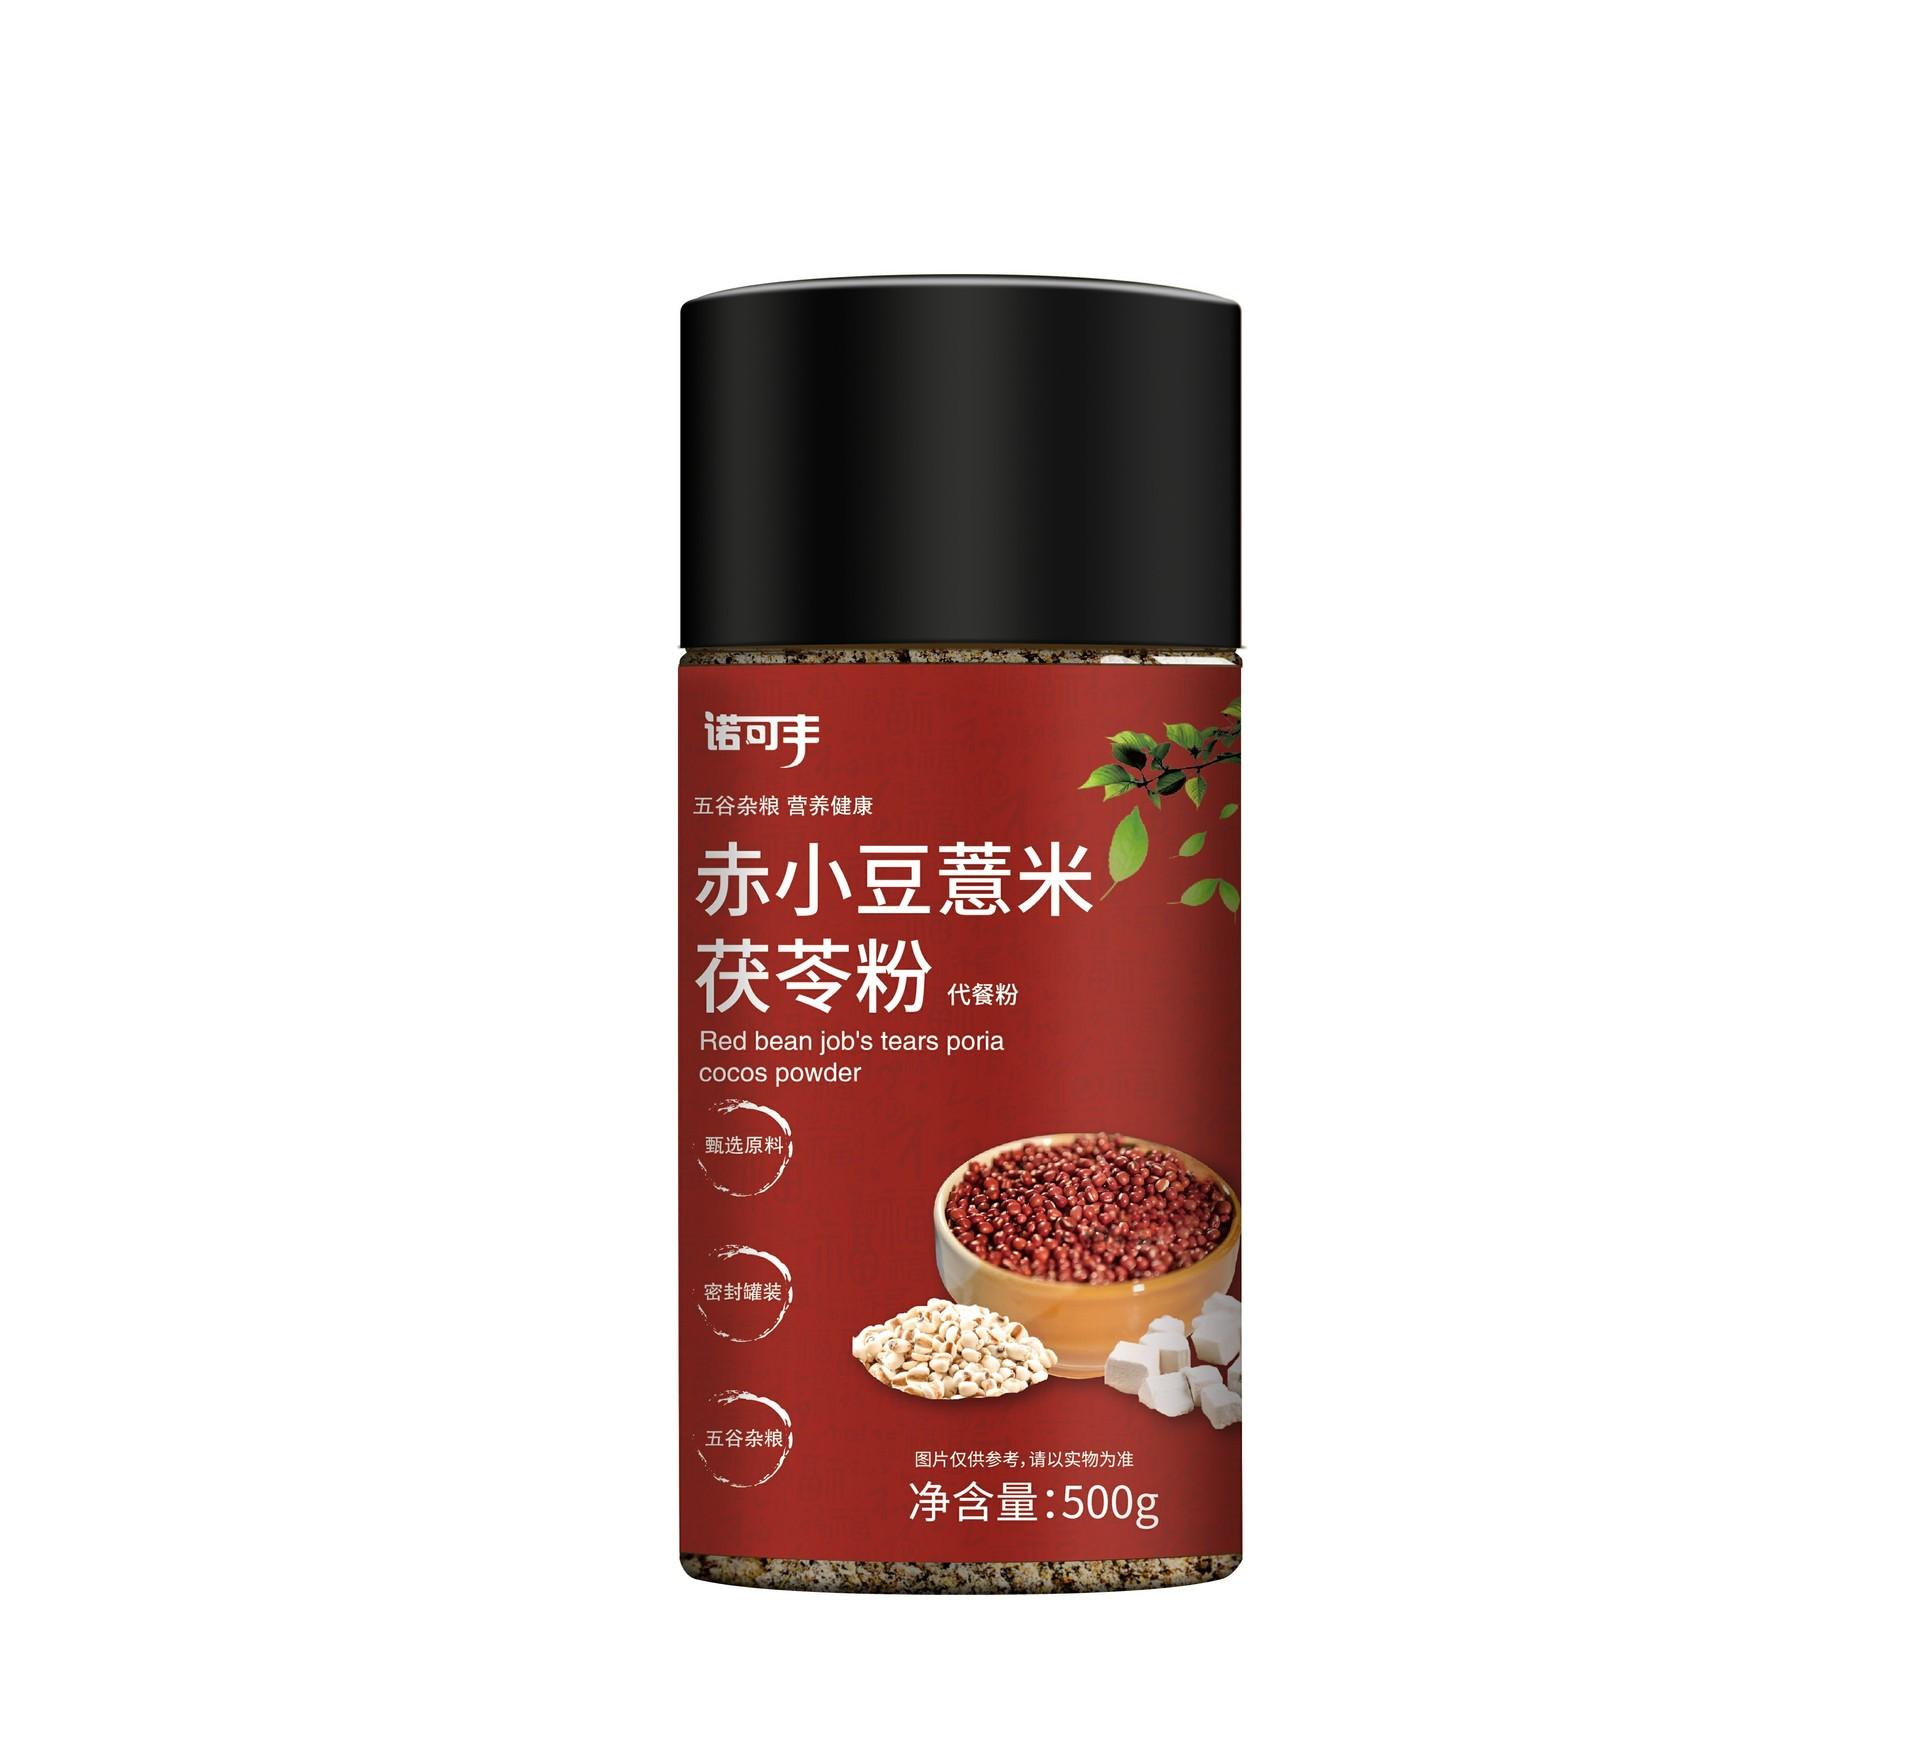 諾可豐-赤小豆薏米茯苓粉